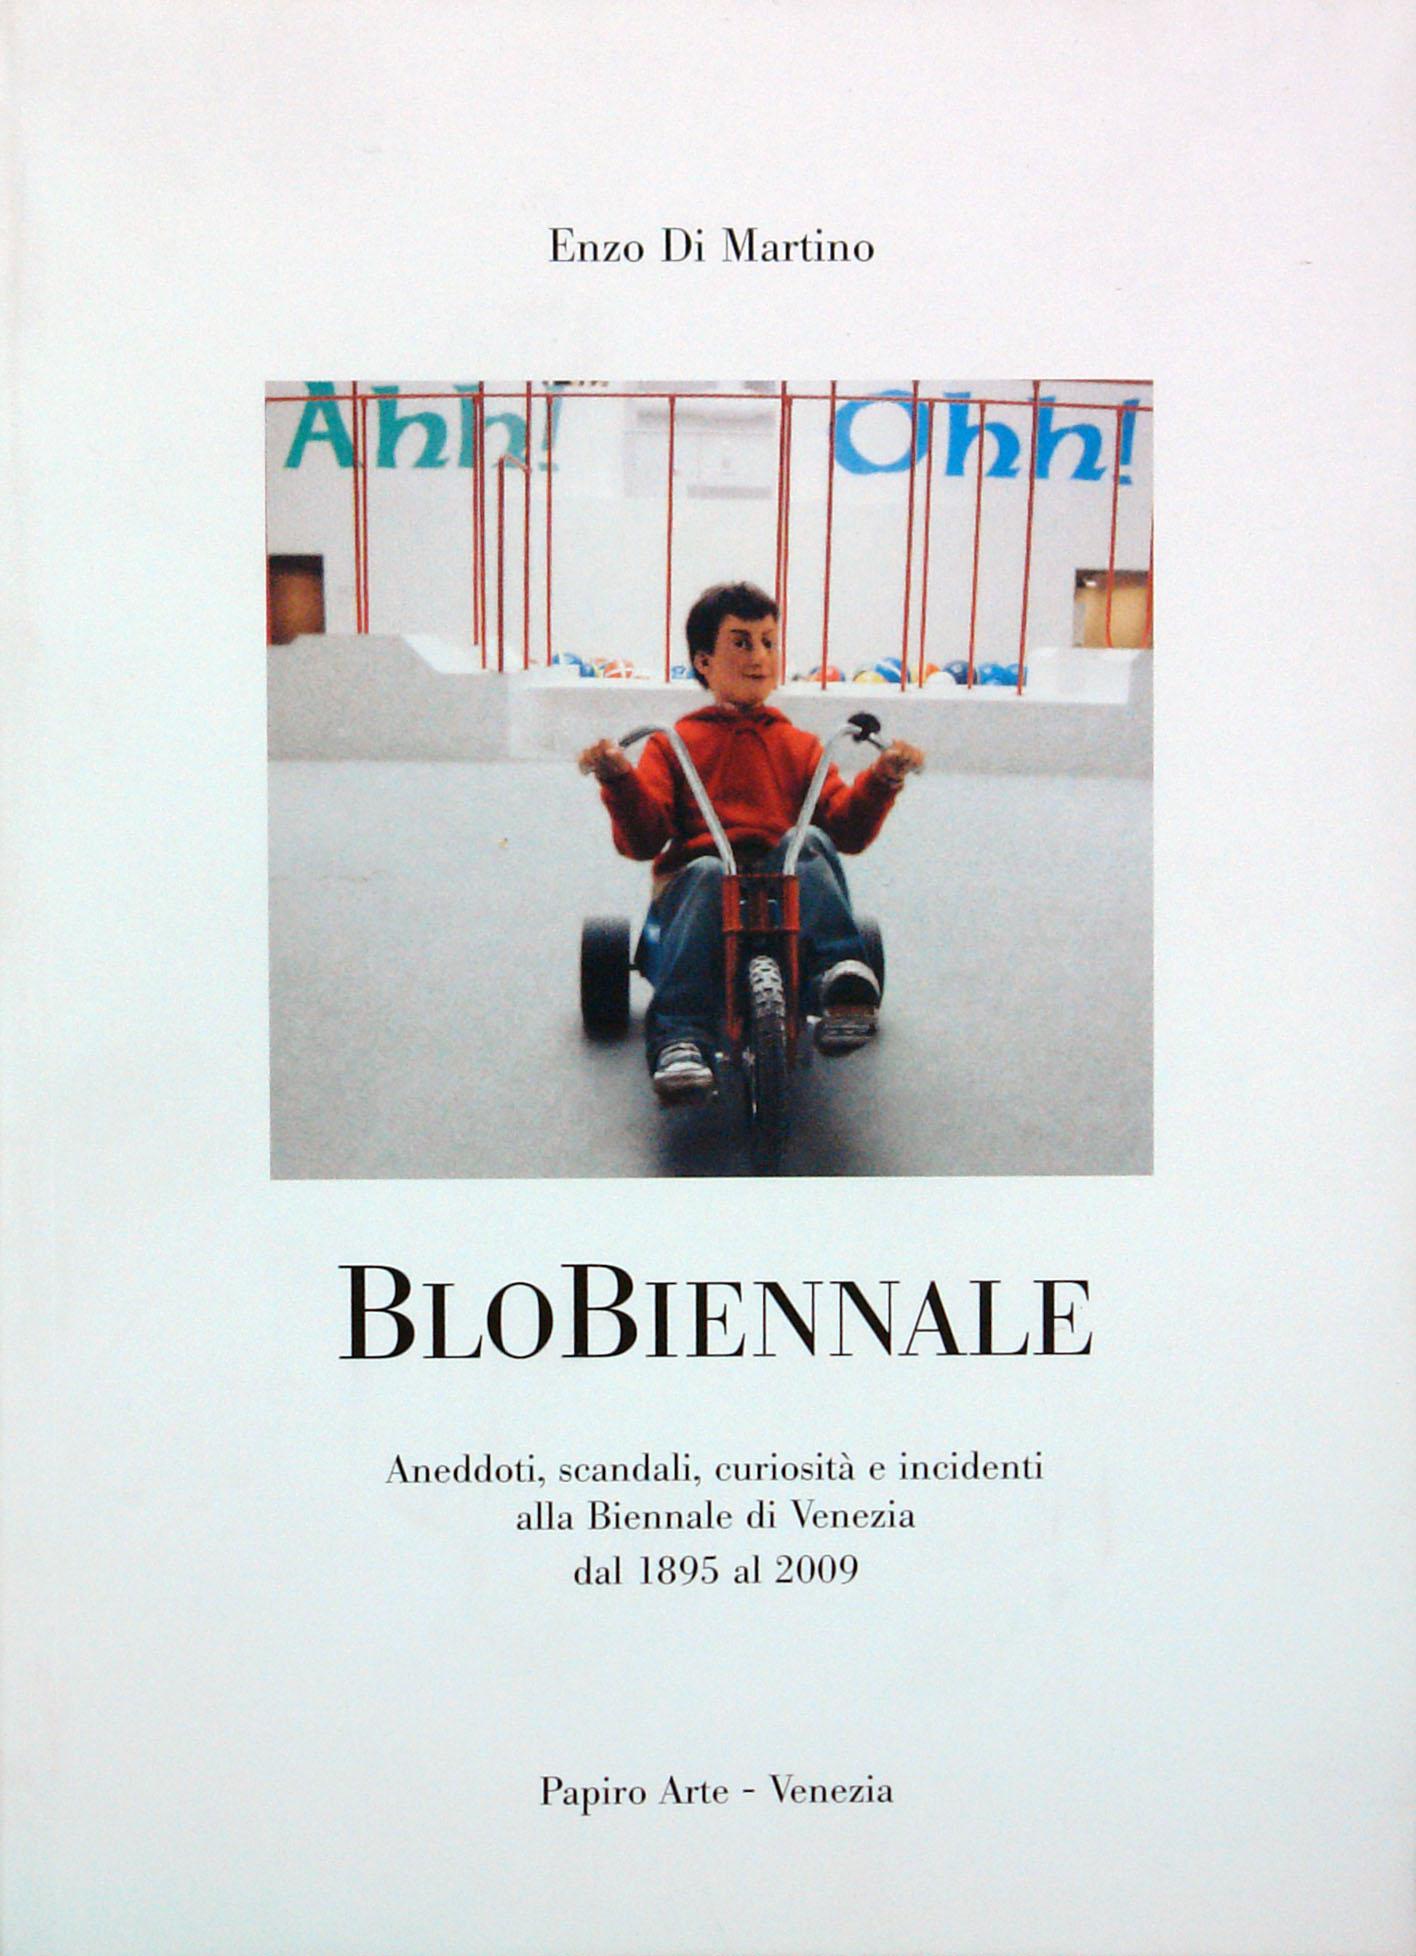 Enzo Di Martino - Blob Biennale